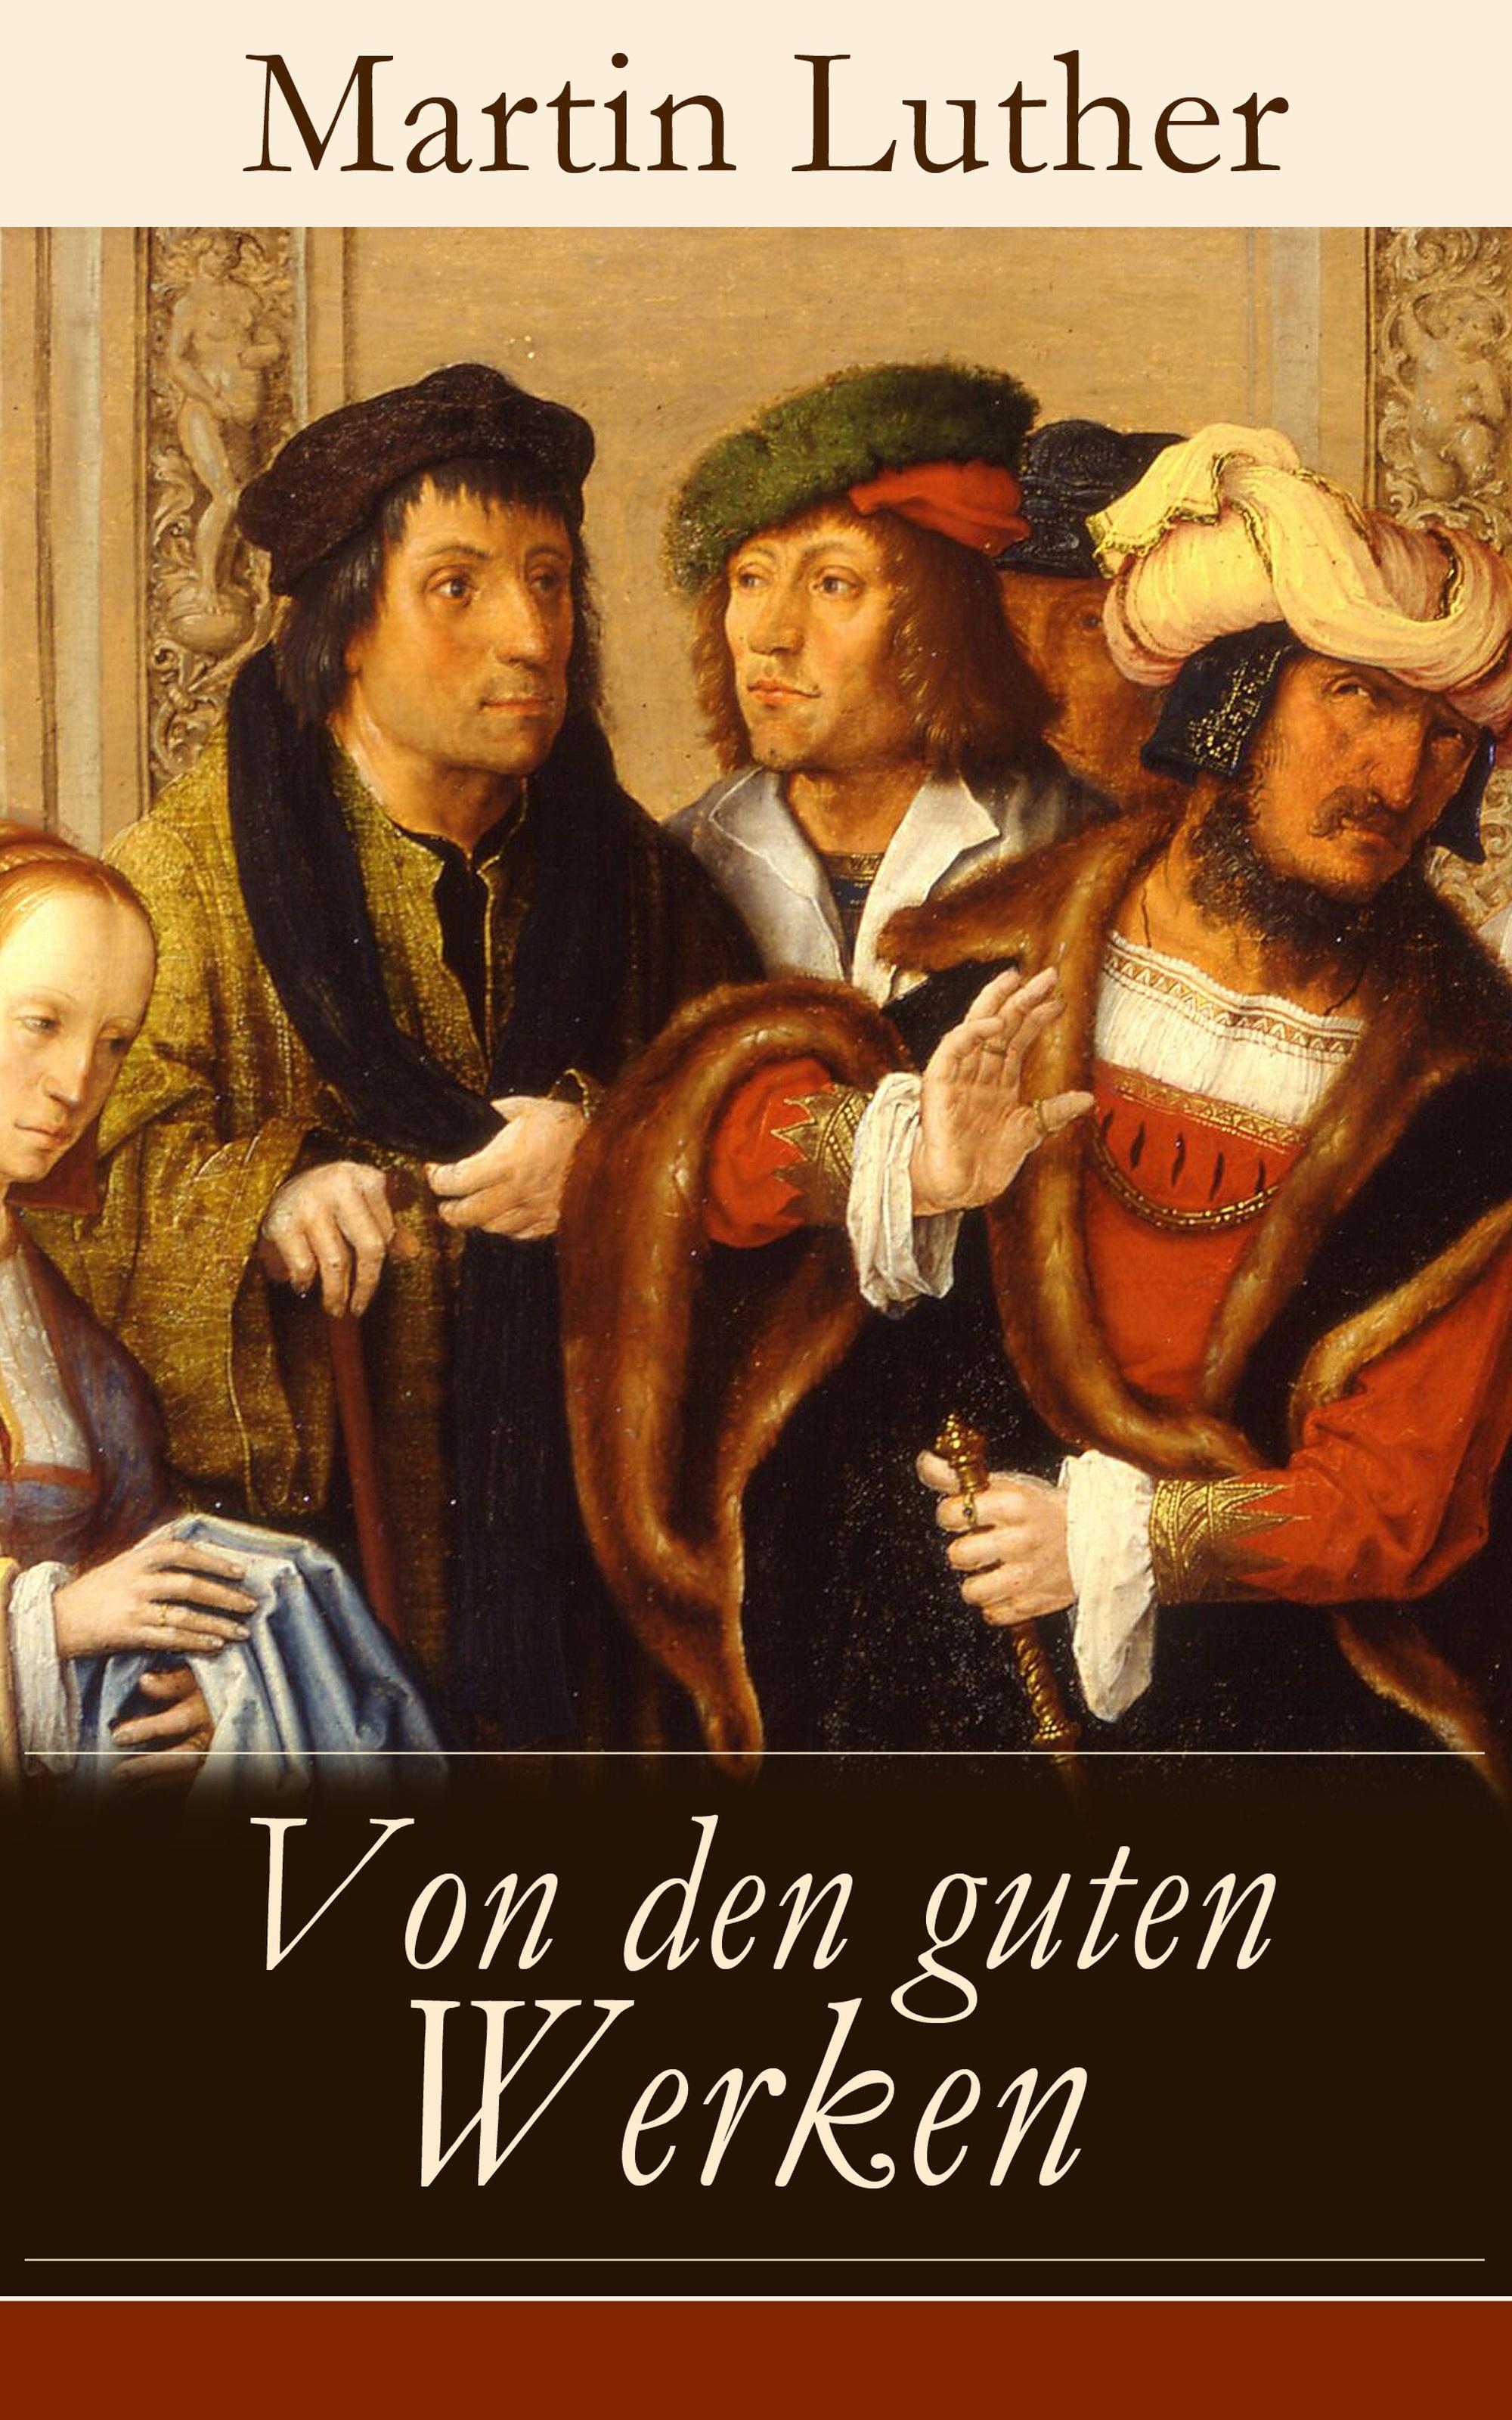 Martin Luther Von den guten Werken elif yalcin nautische terminologie in ausgewahlten werken von halikarnas bal kc s 1890 1973